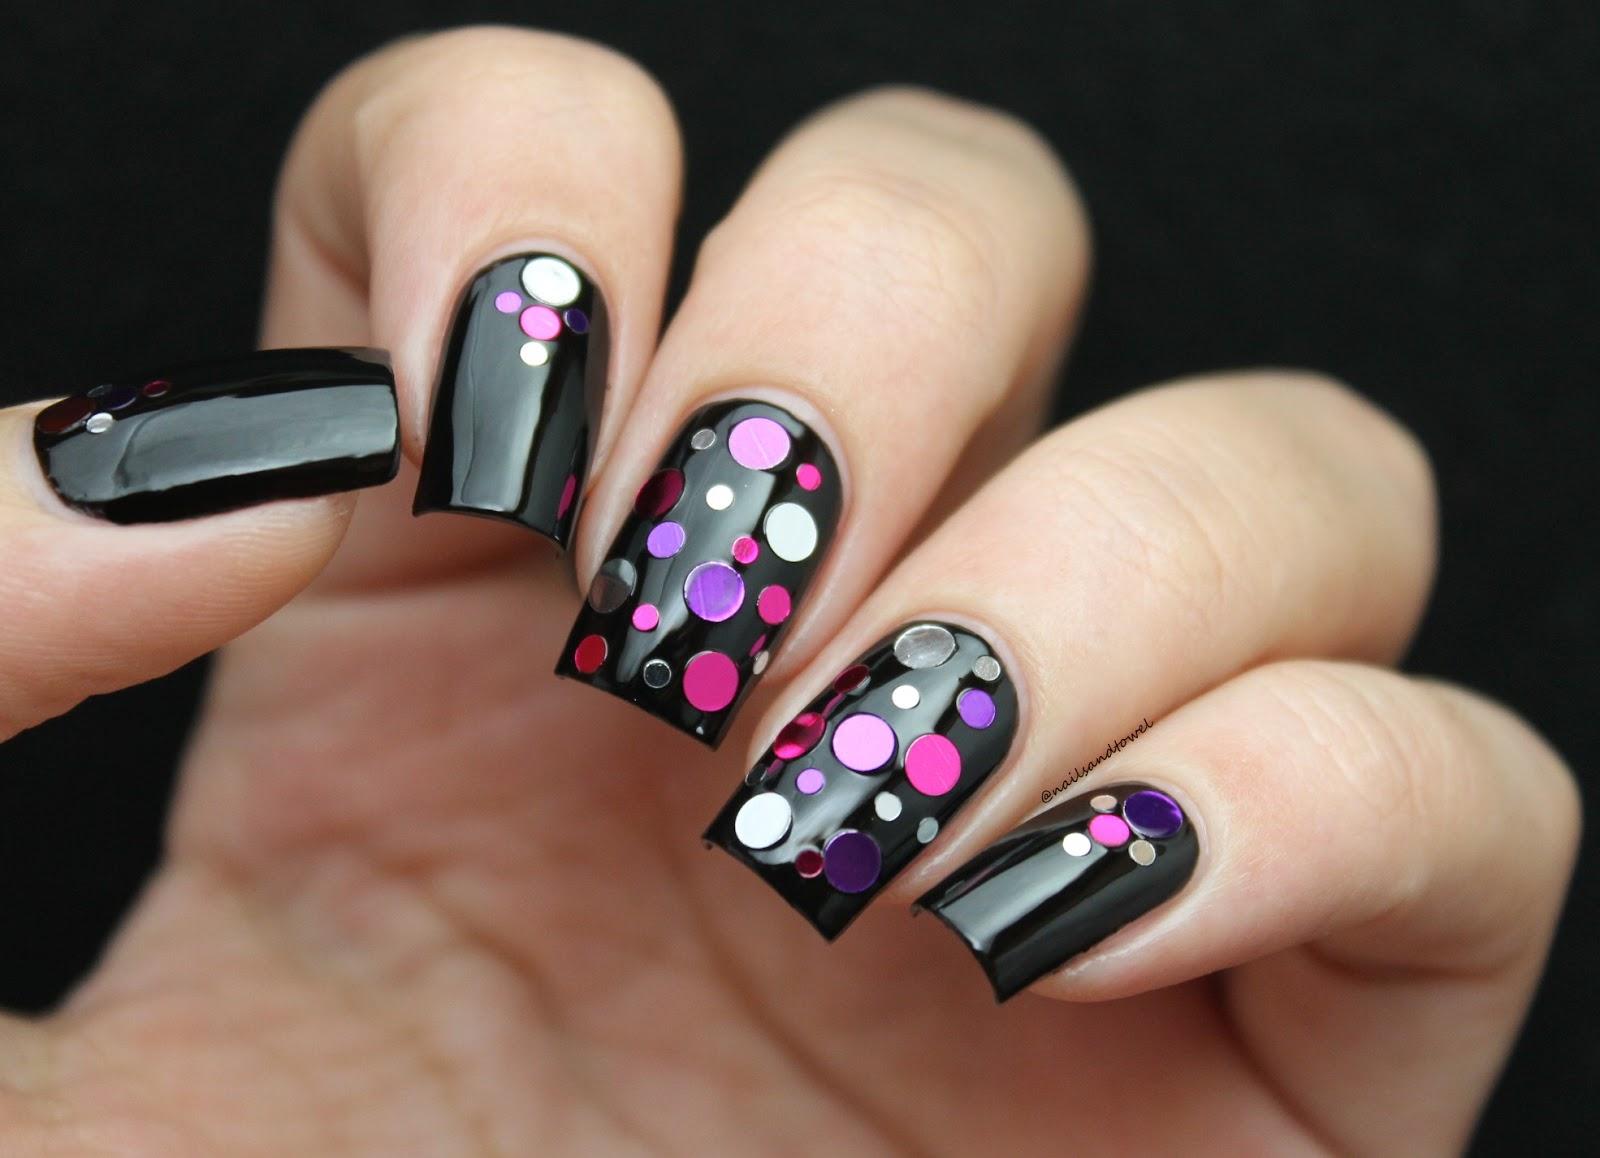 My Nail Art Journal: Confetti Nails + Whats Up Nails